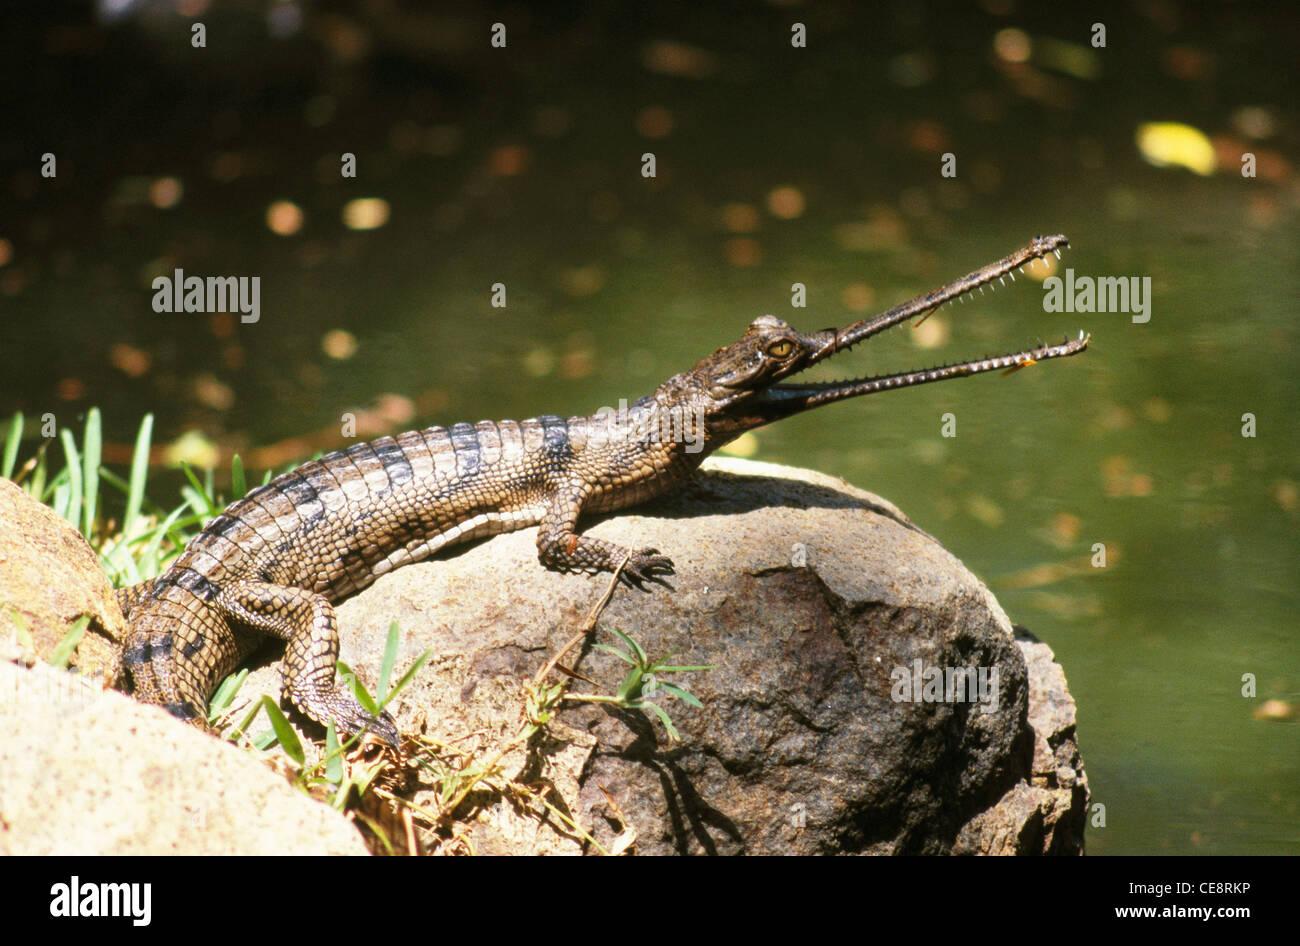 Endangered Gharial   Crocodile   Gavialis gangeticus - Stock Image